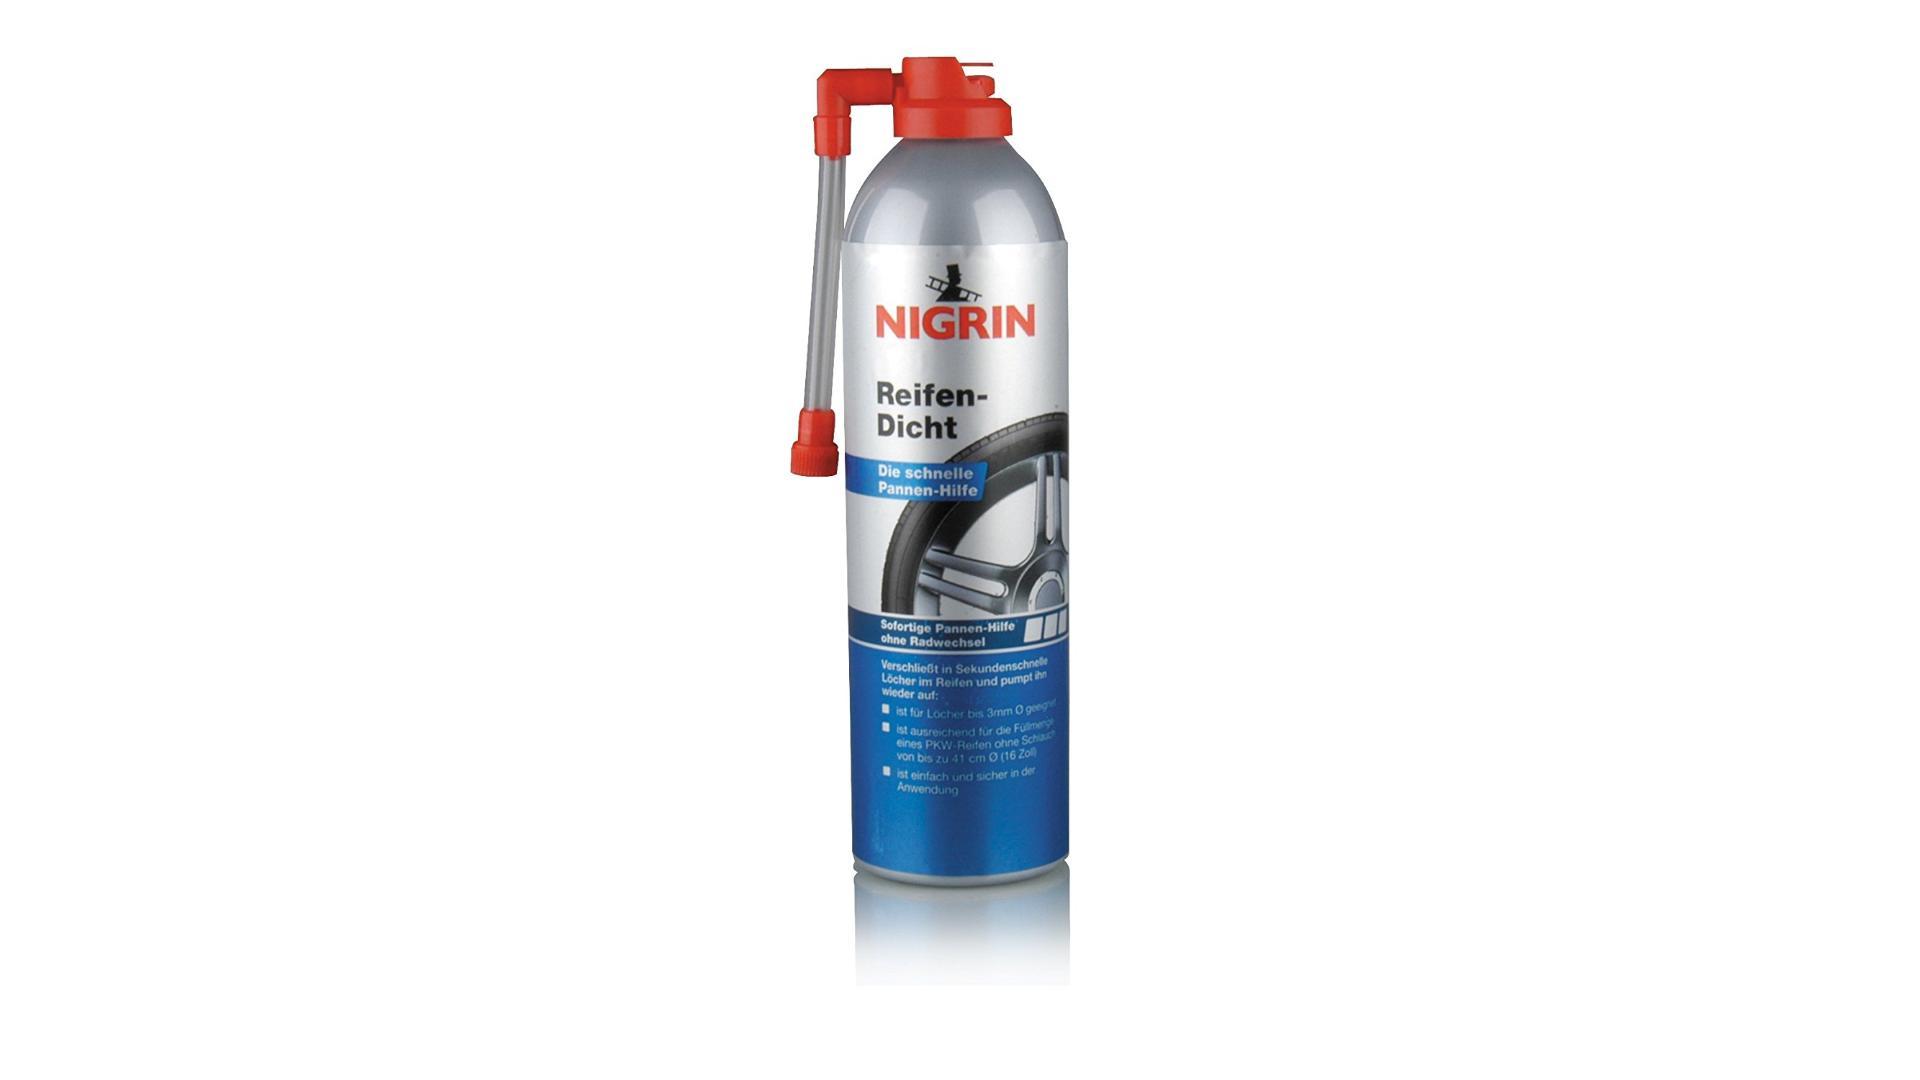 Nigrin Sprej na opravu defektů 500ml